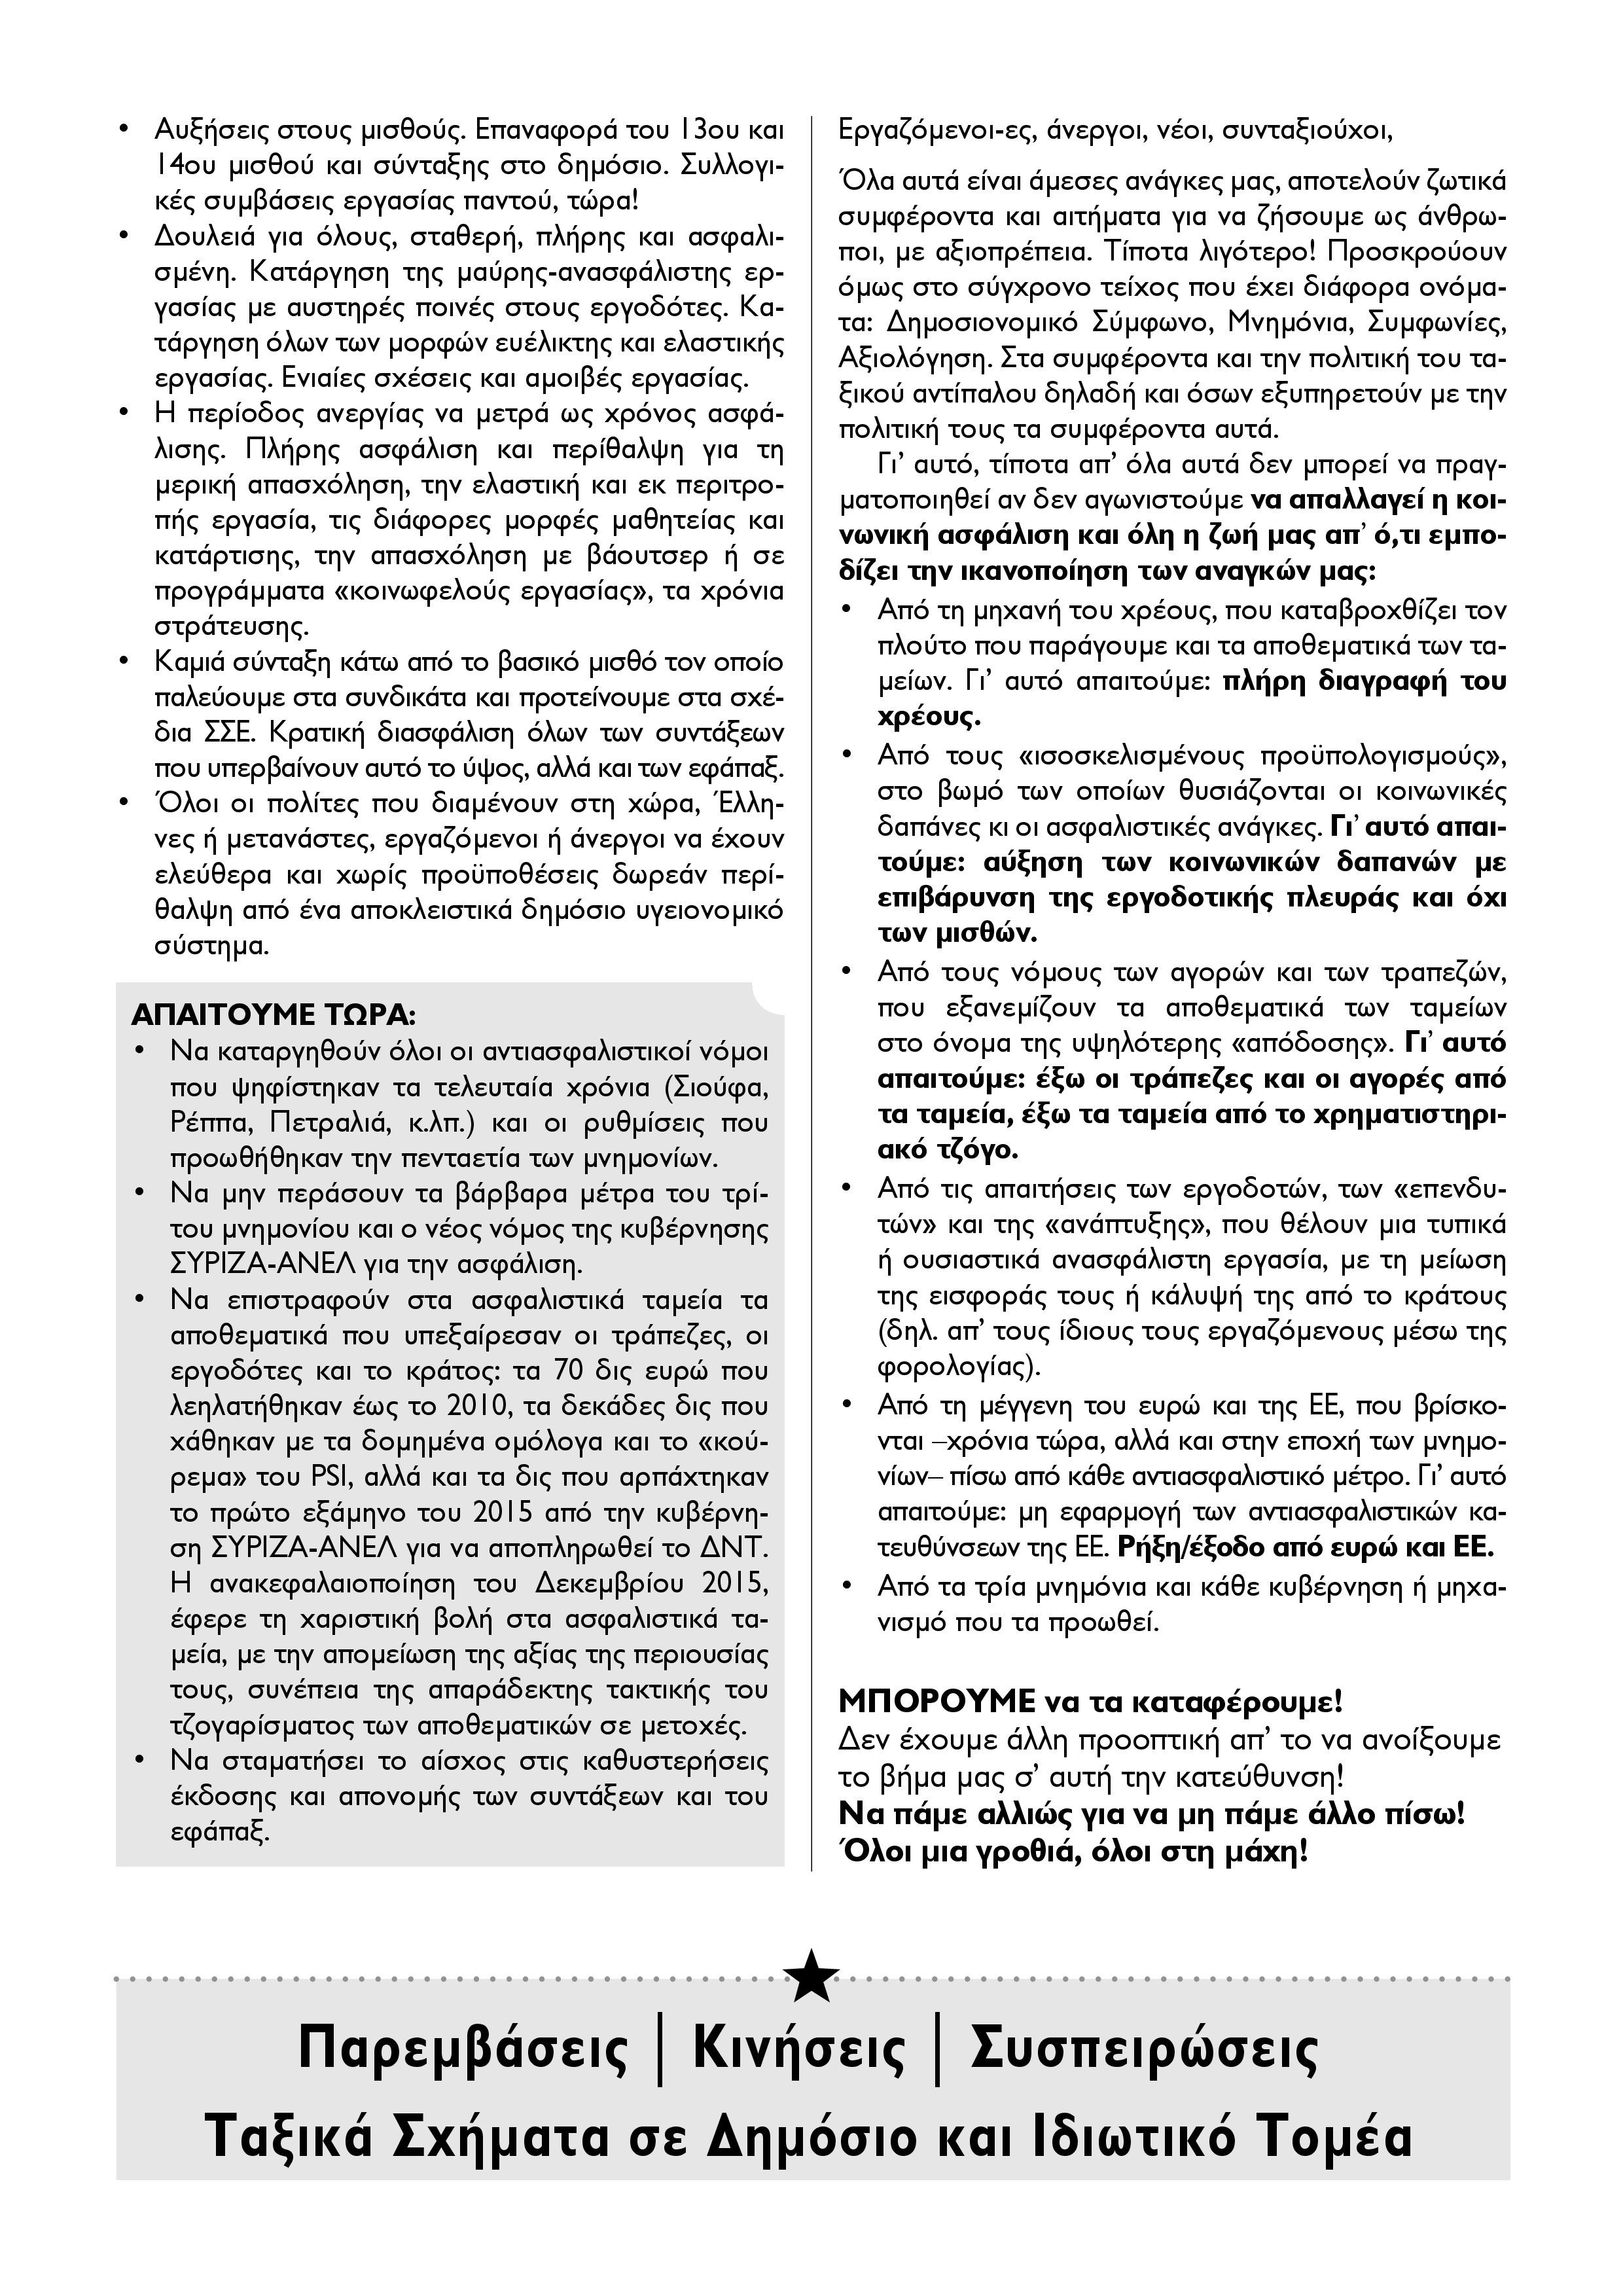 prokirixi paremvaseis_asfalistiko_INTERNET (1)-page-3